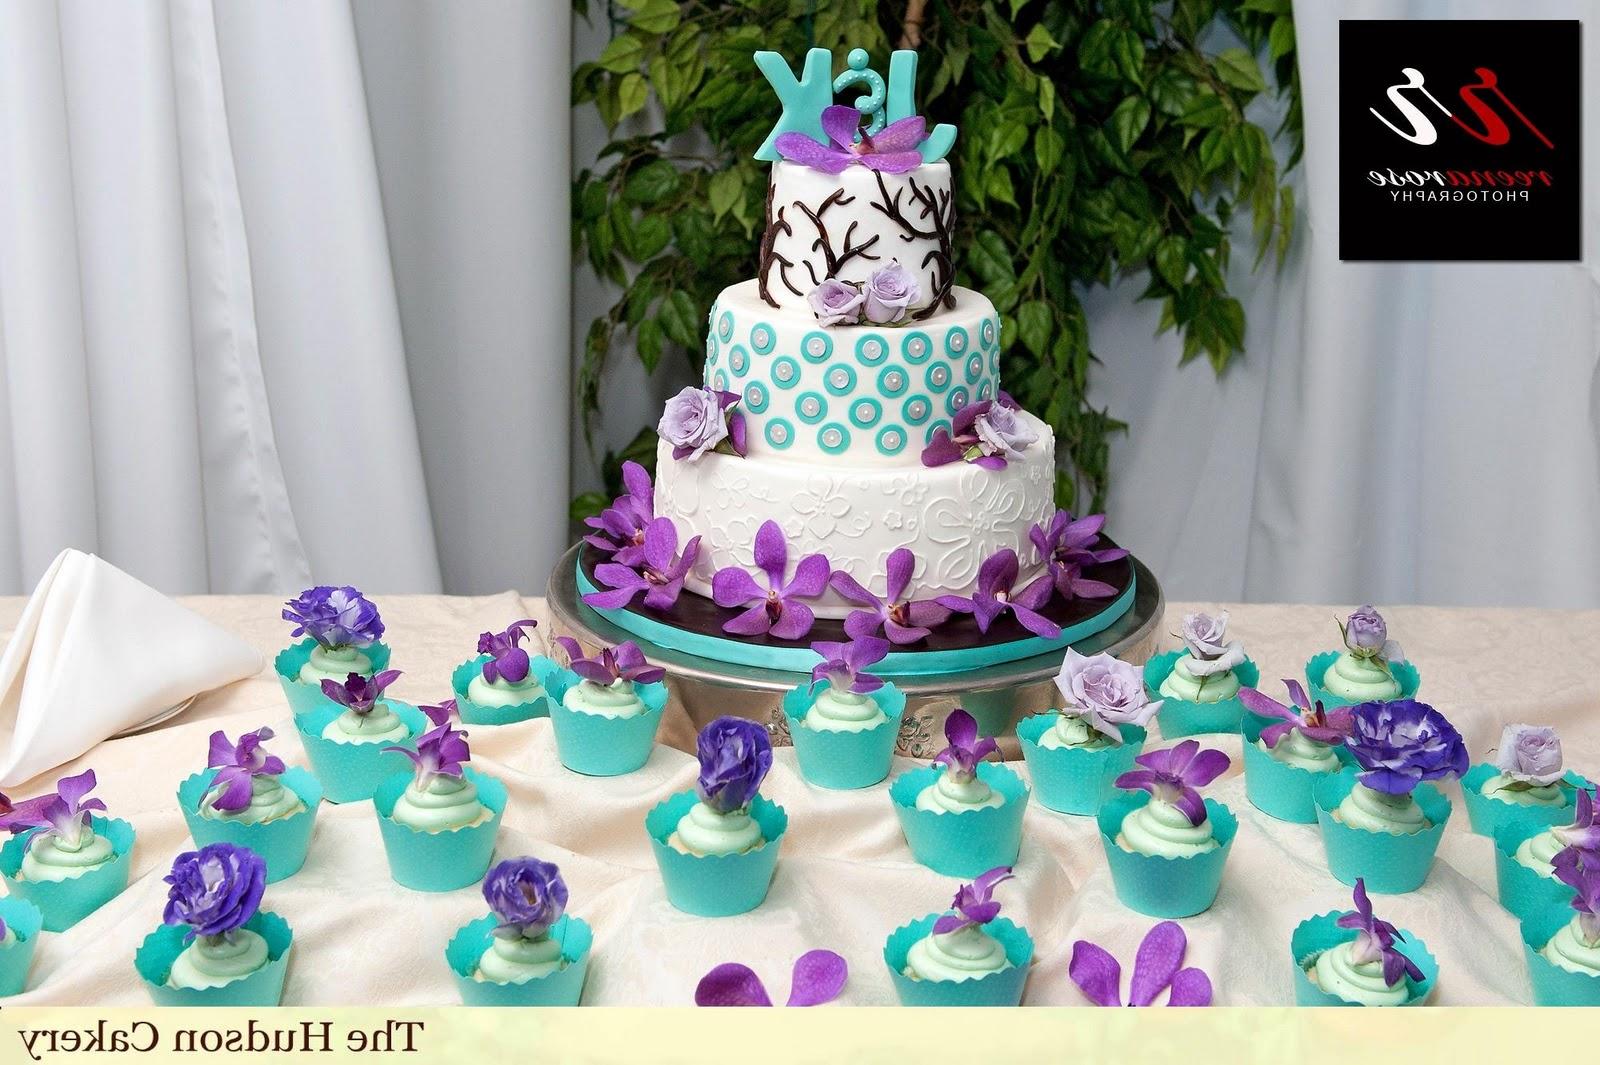 Turquoise Wedding Cake with